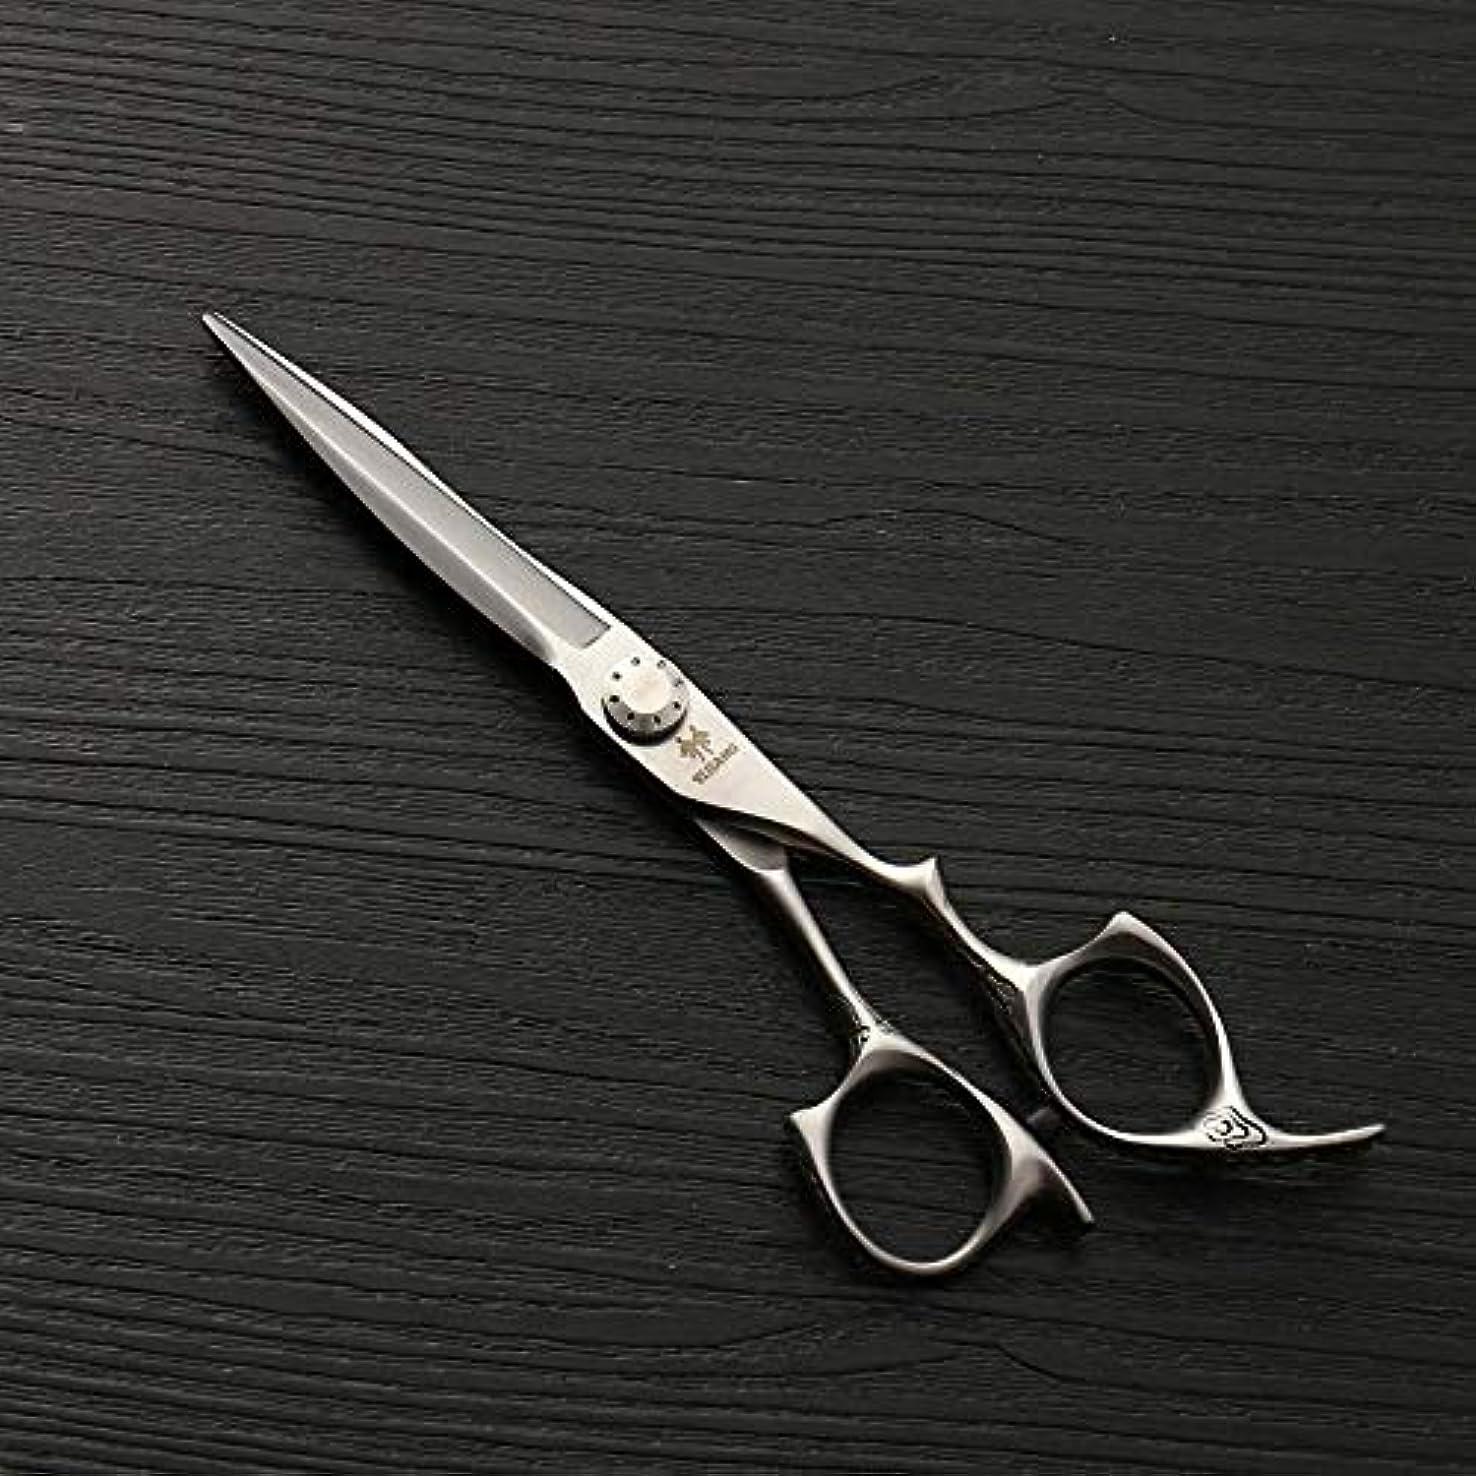 車両ローズジャベスウィルソンGoodsok-jp 6インチのステンレス鋼の理髪はさみ、美容院の特別なヘアカットの平らなはさみセット (色 : Silver)